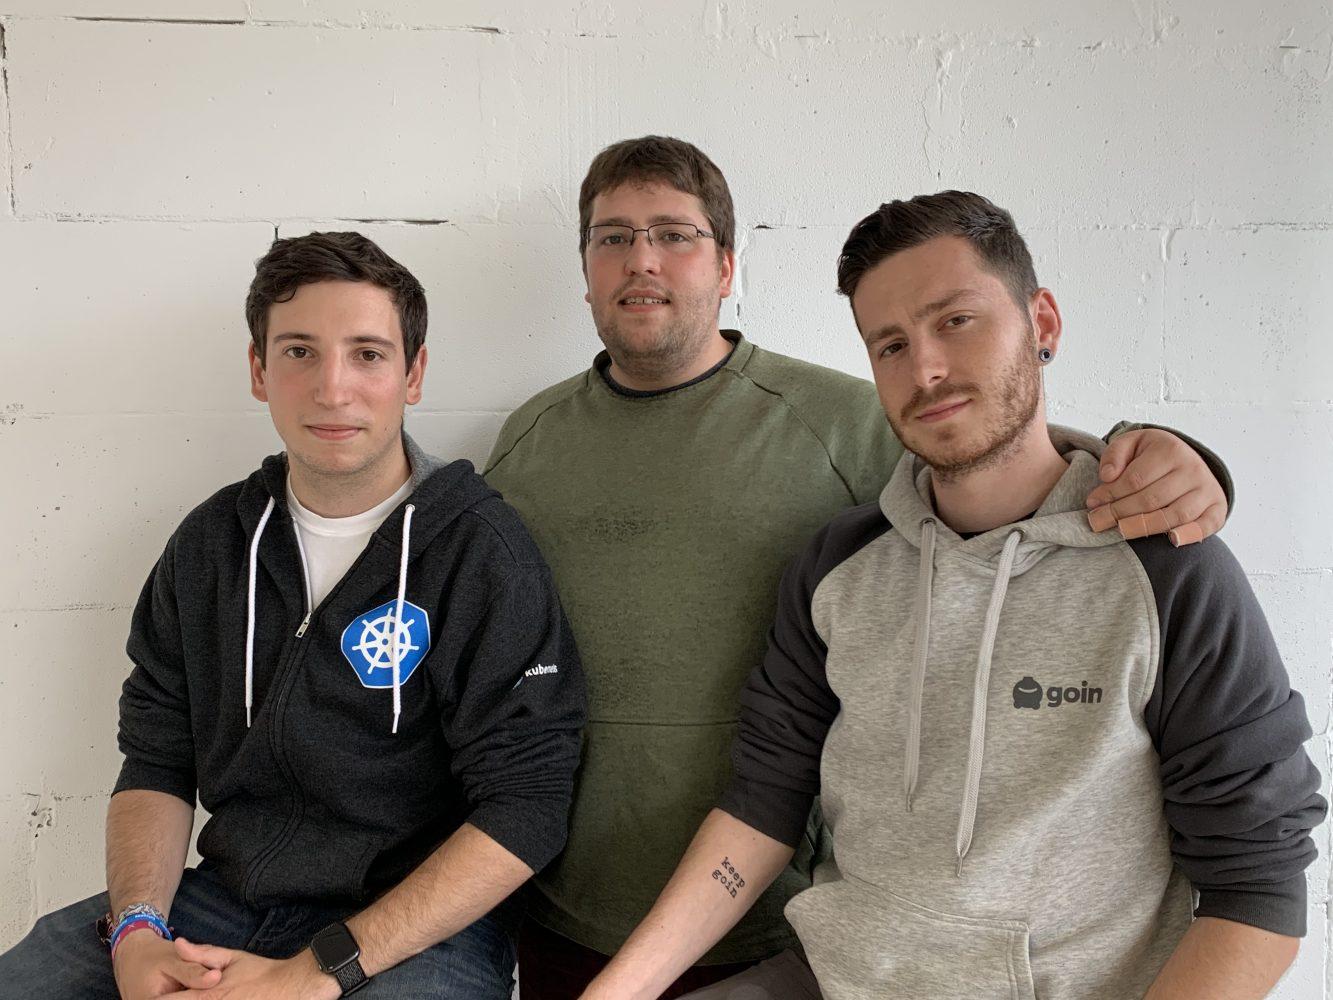 Goin Fintech startup